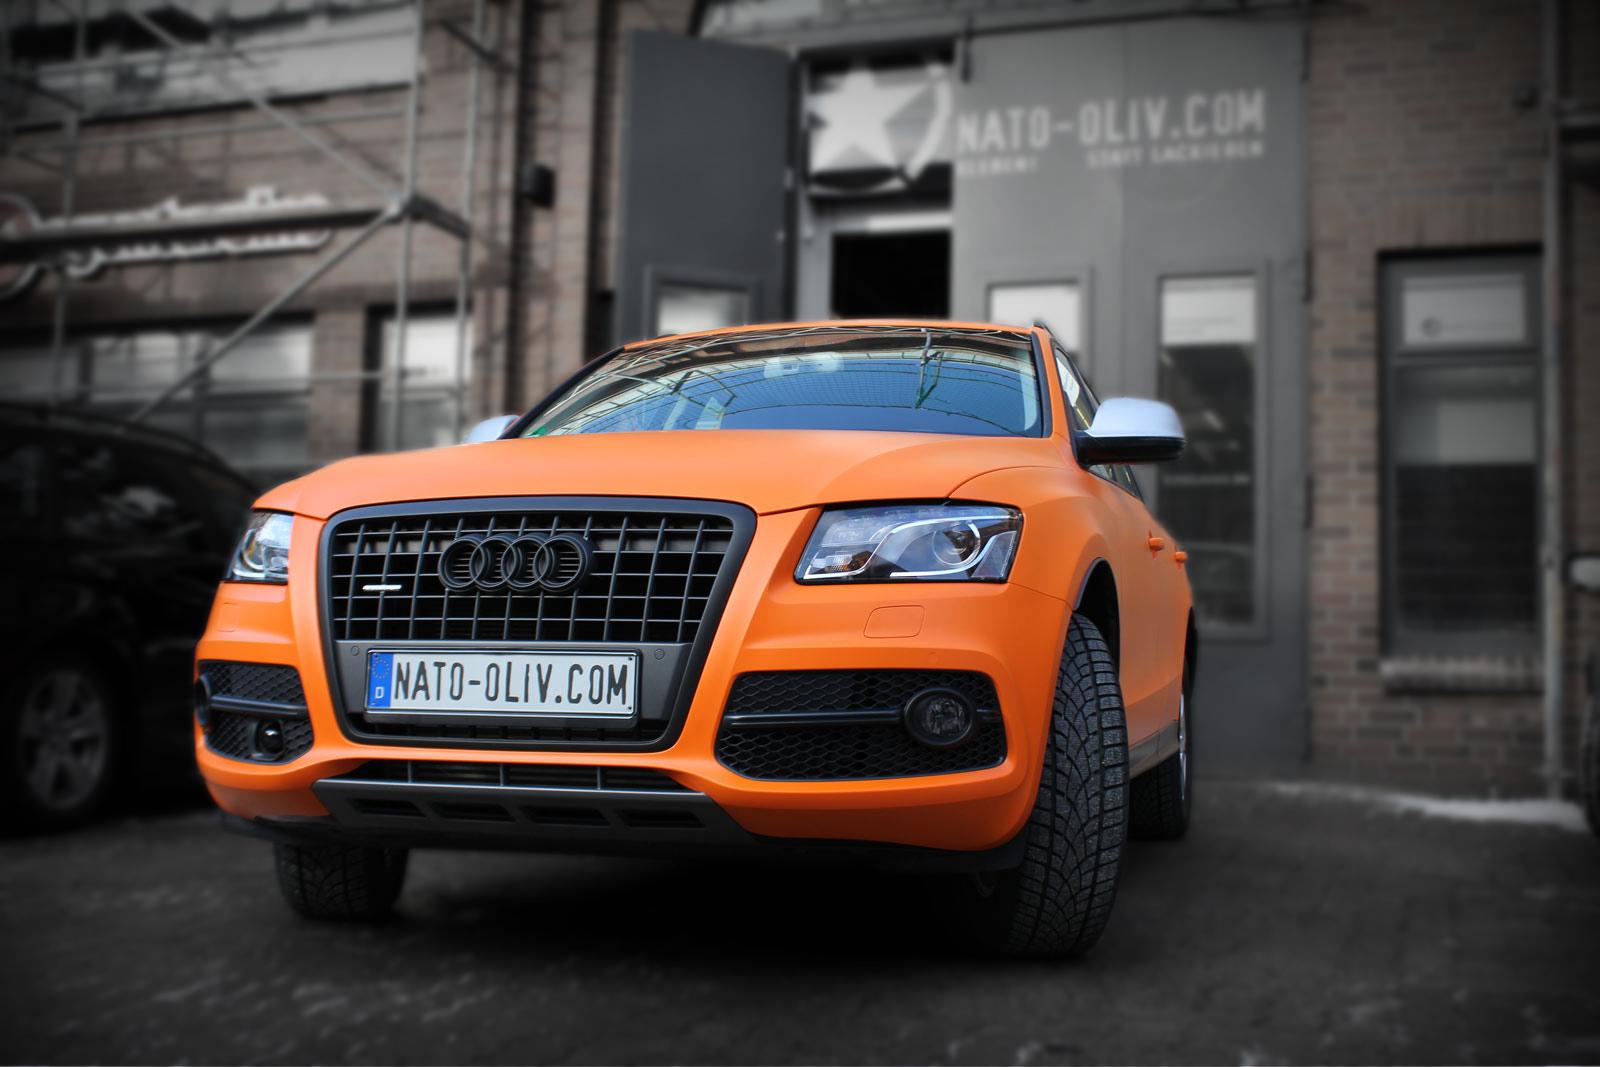 Zu sehen ist ein zu orange vollfolierter Audi Q5, der komplett mit eine Hochleistungsfolie beklebt worden ist.